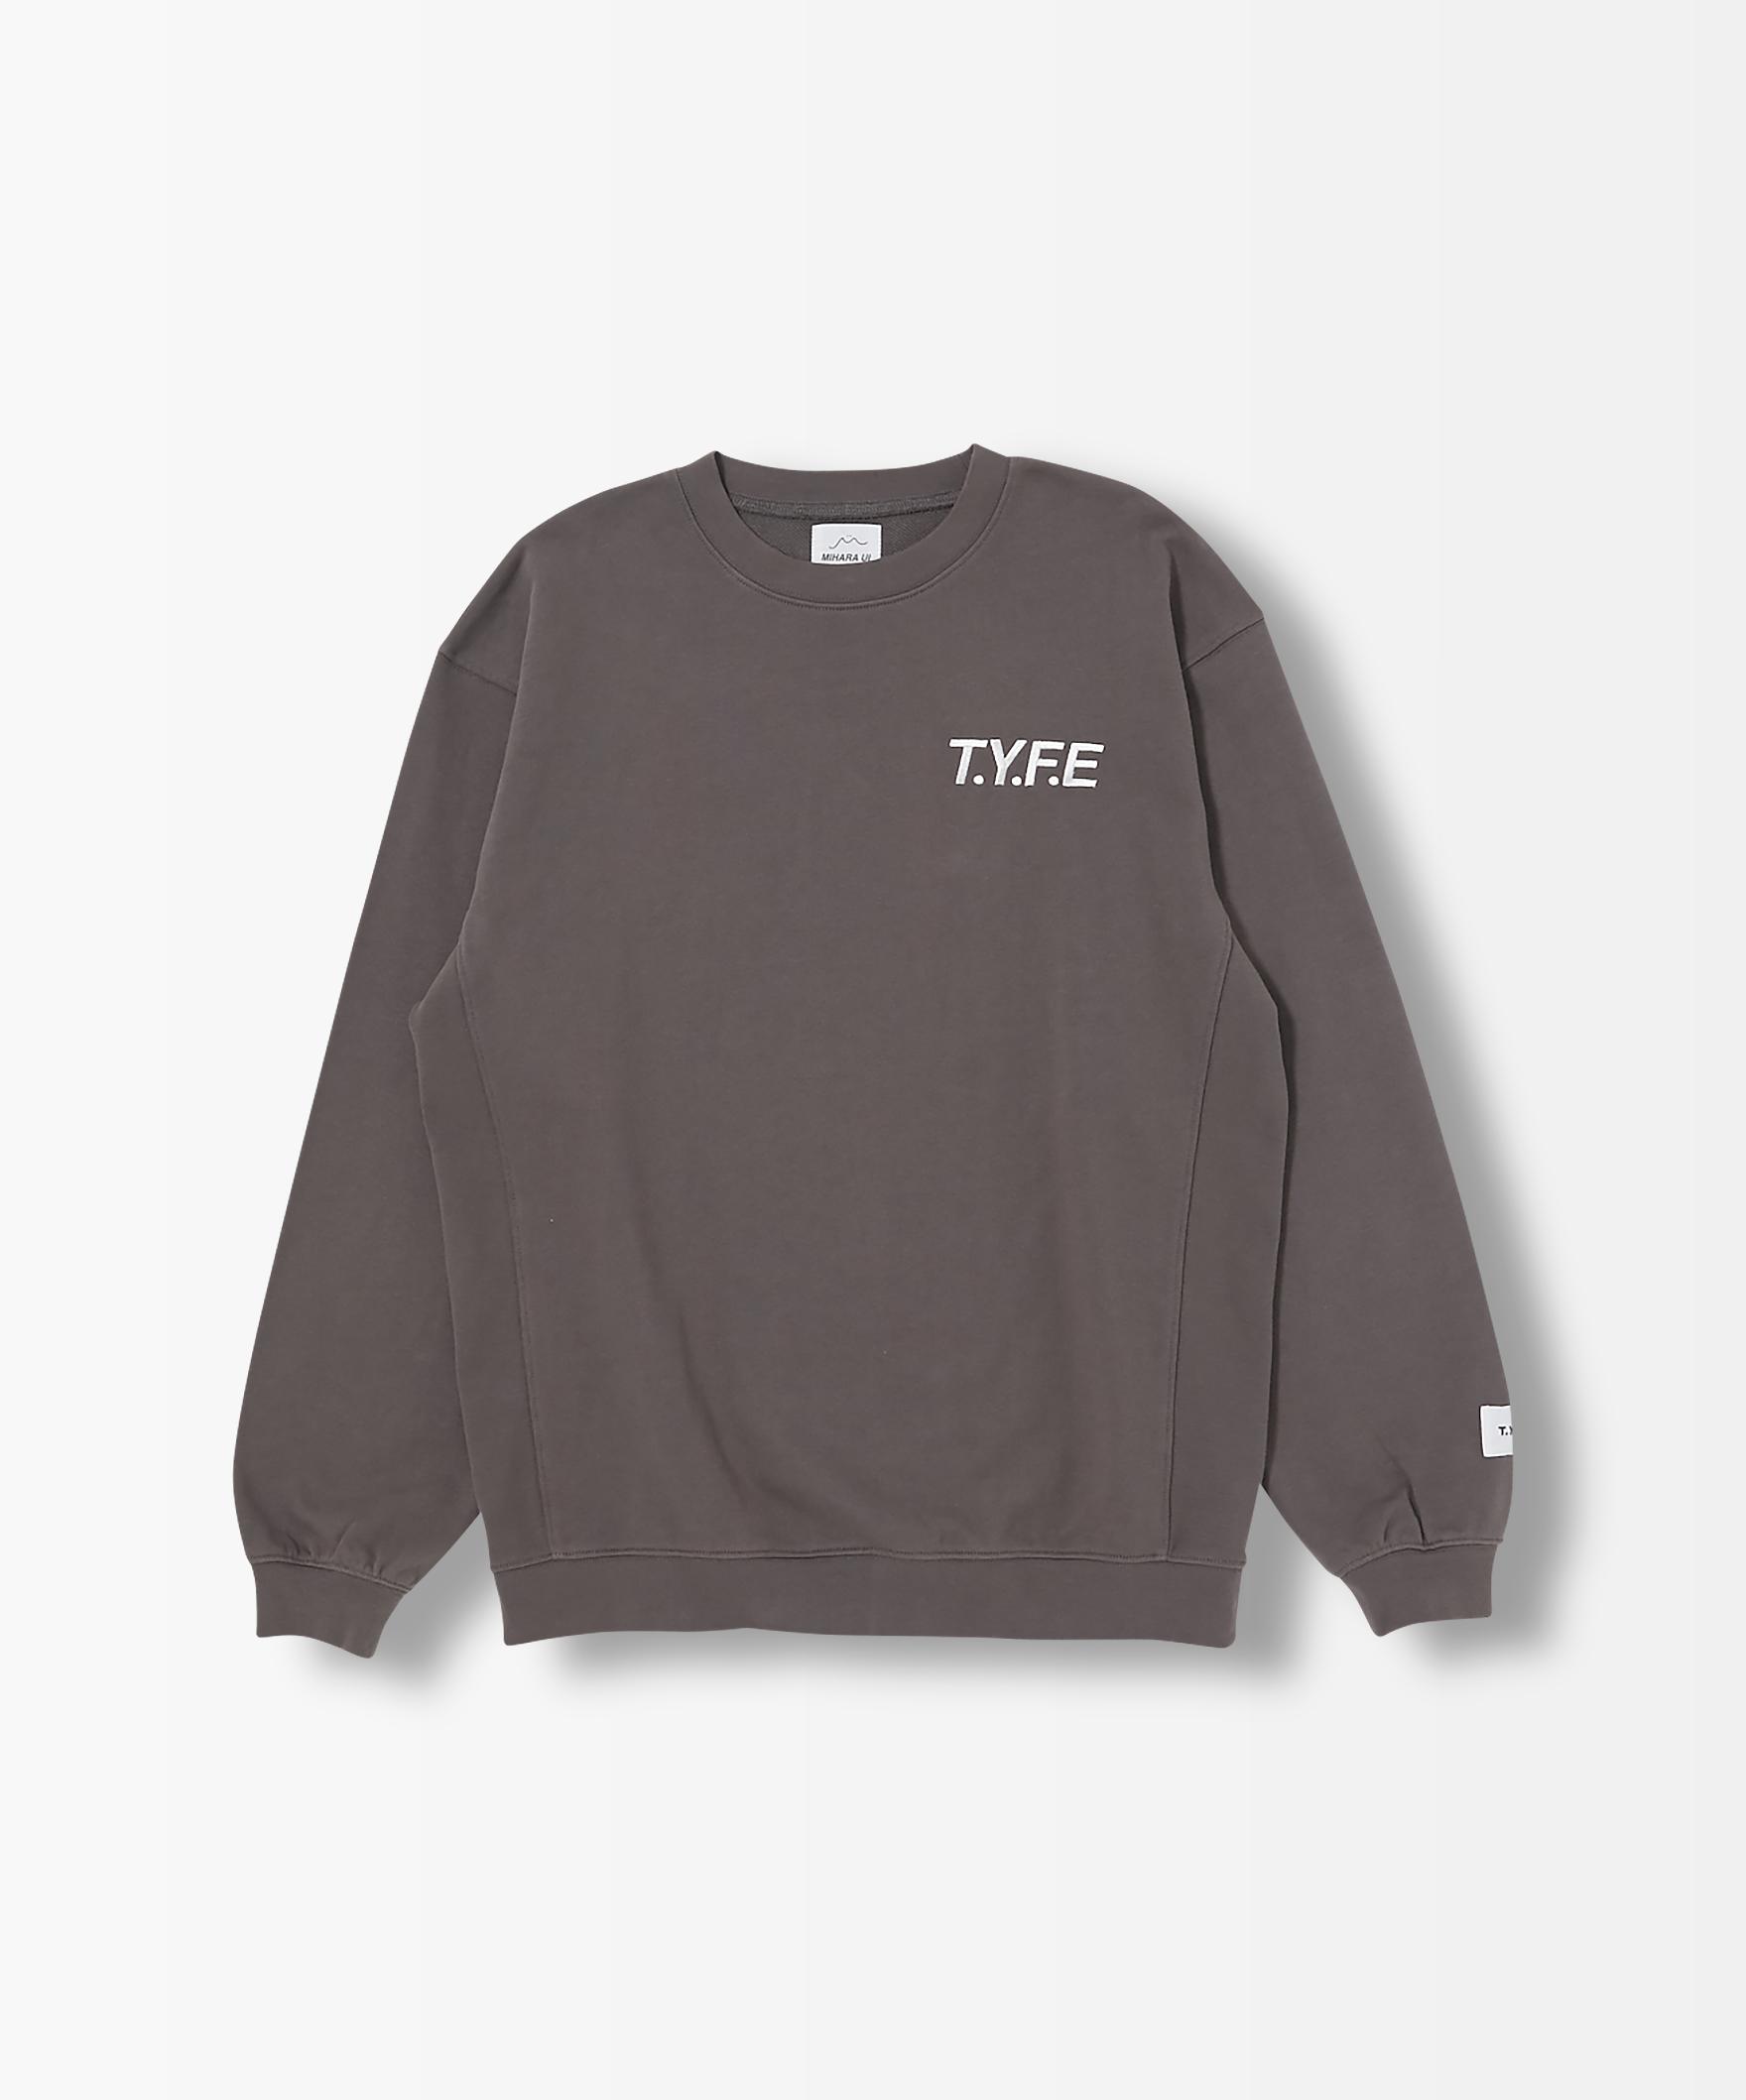 T.Y.F.E プルオーバー